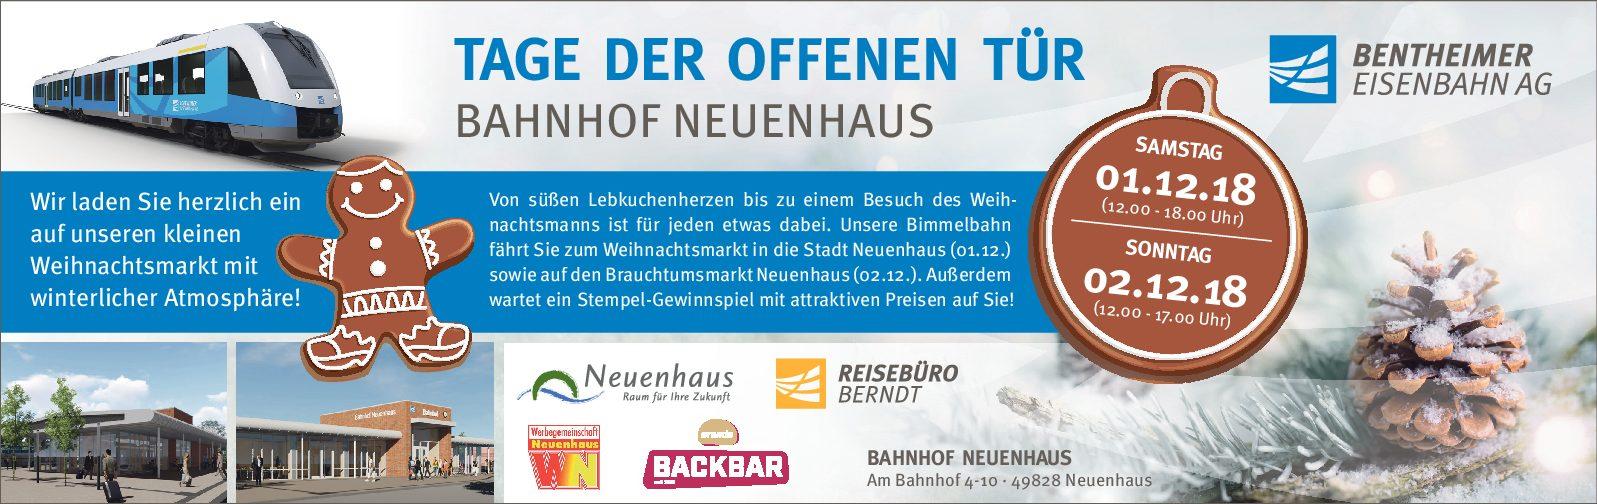 be_anzeige_tdot_bahnhof_neuenhaus_druck